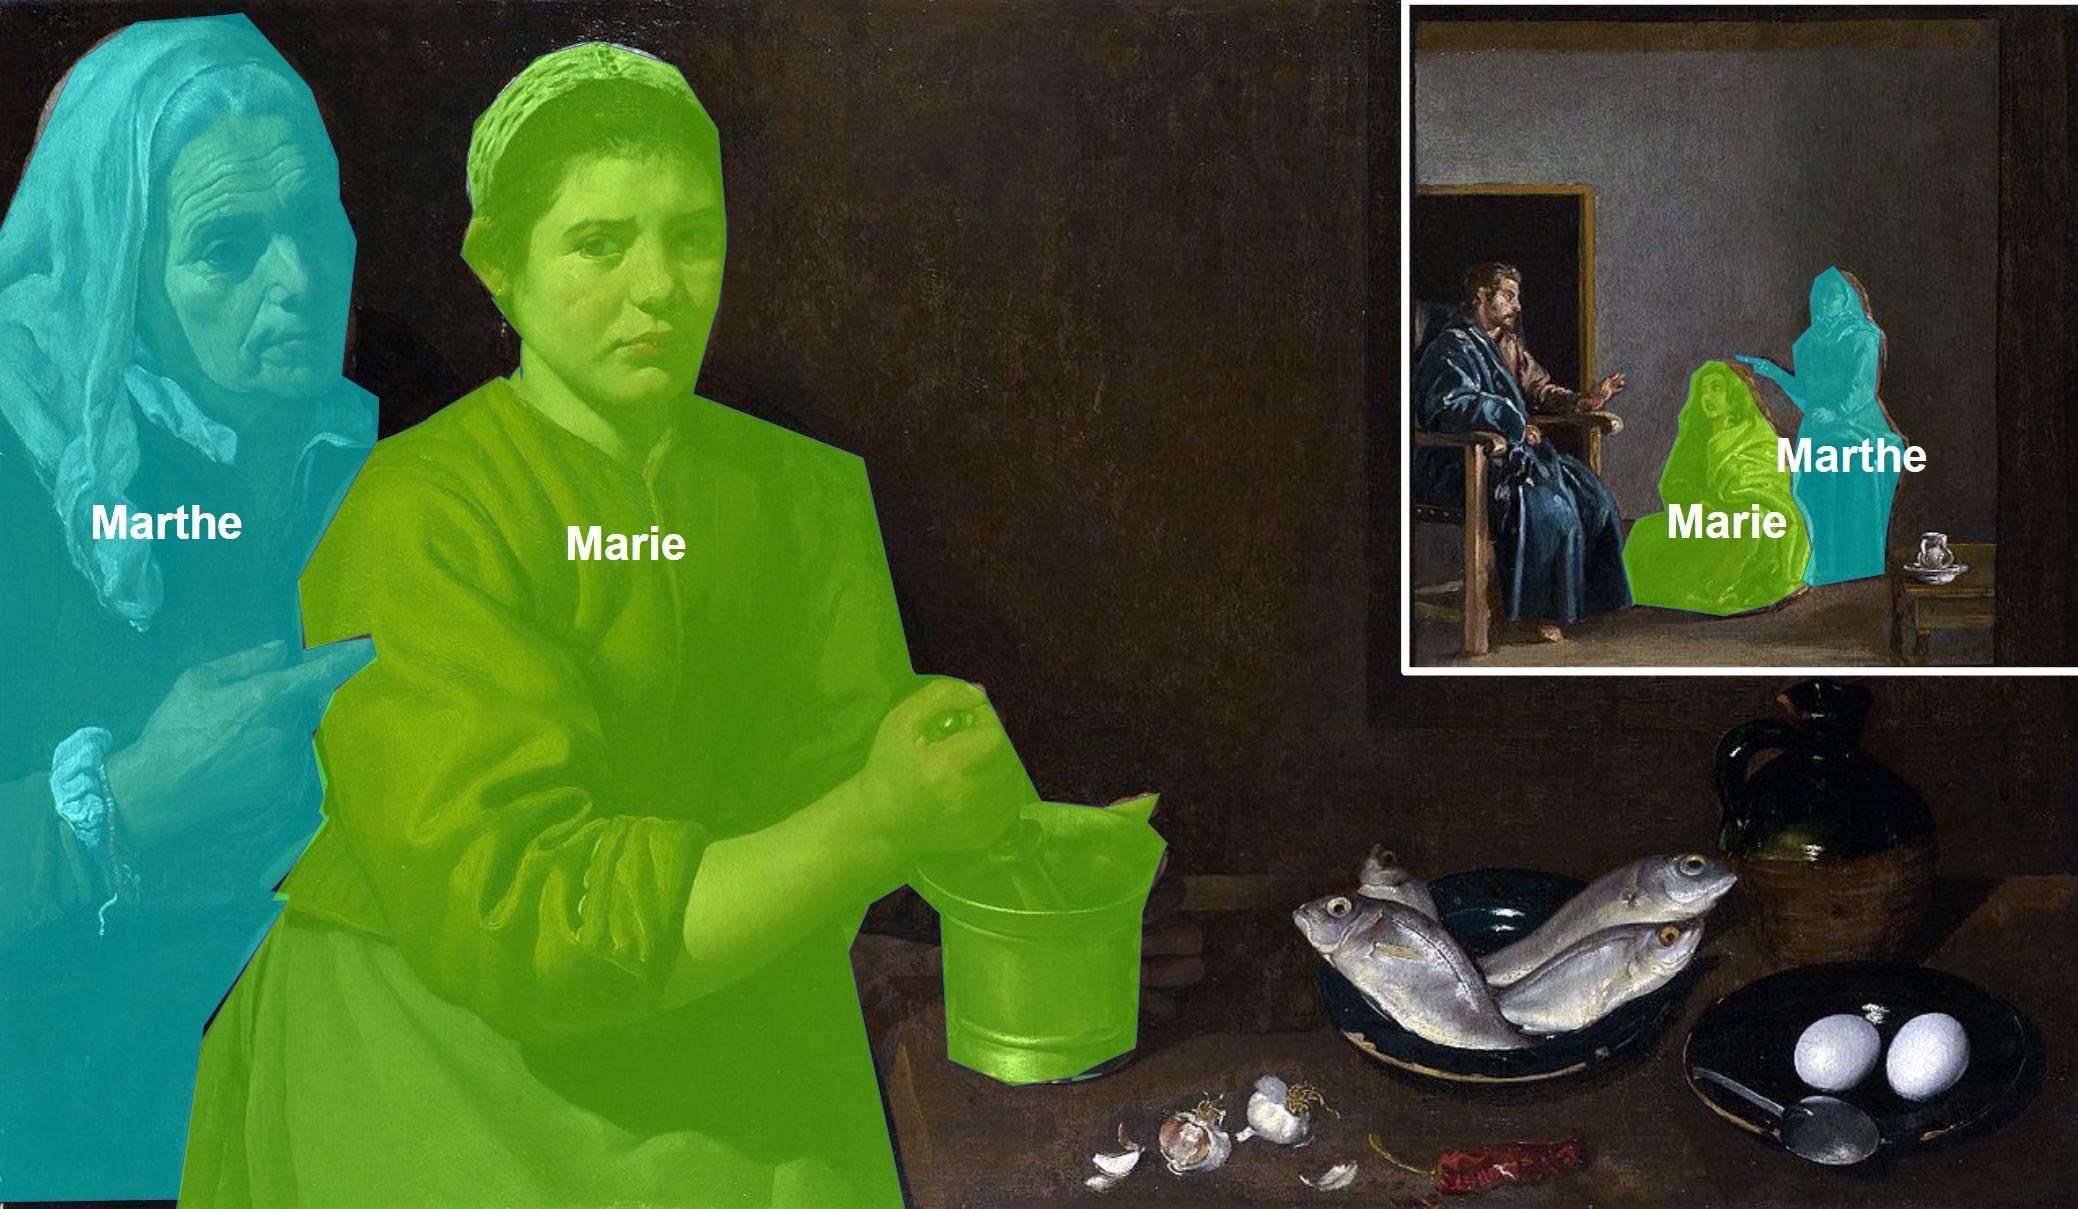 Velasquez 1618 Cristo_en_casa_de_Marta_y_Maria schema 1